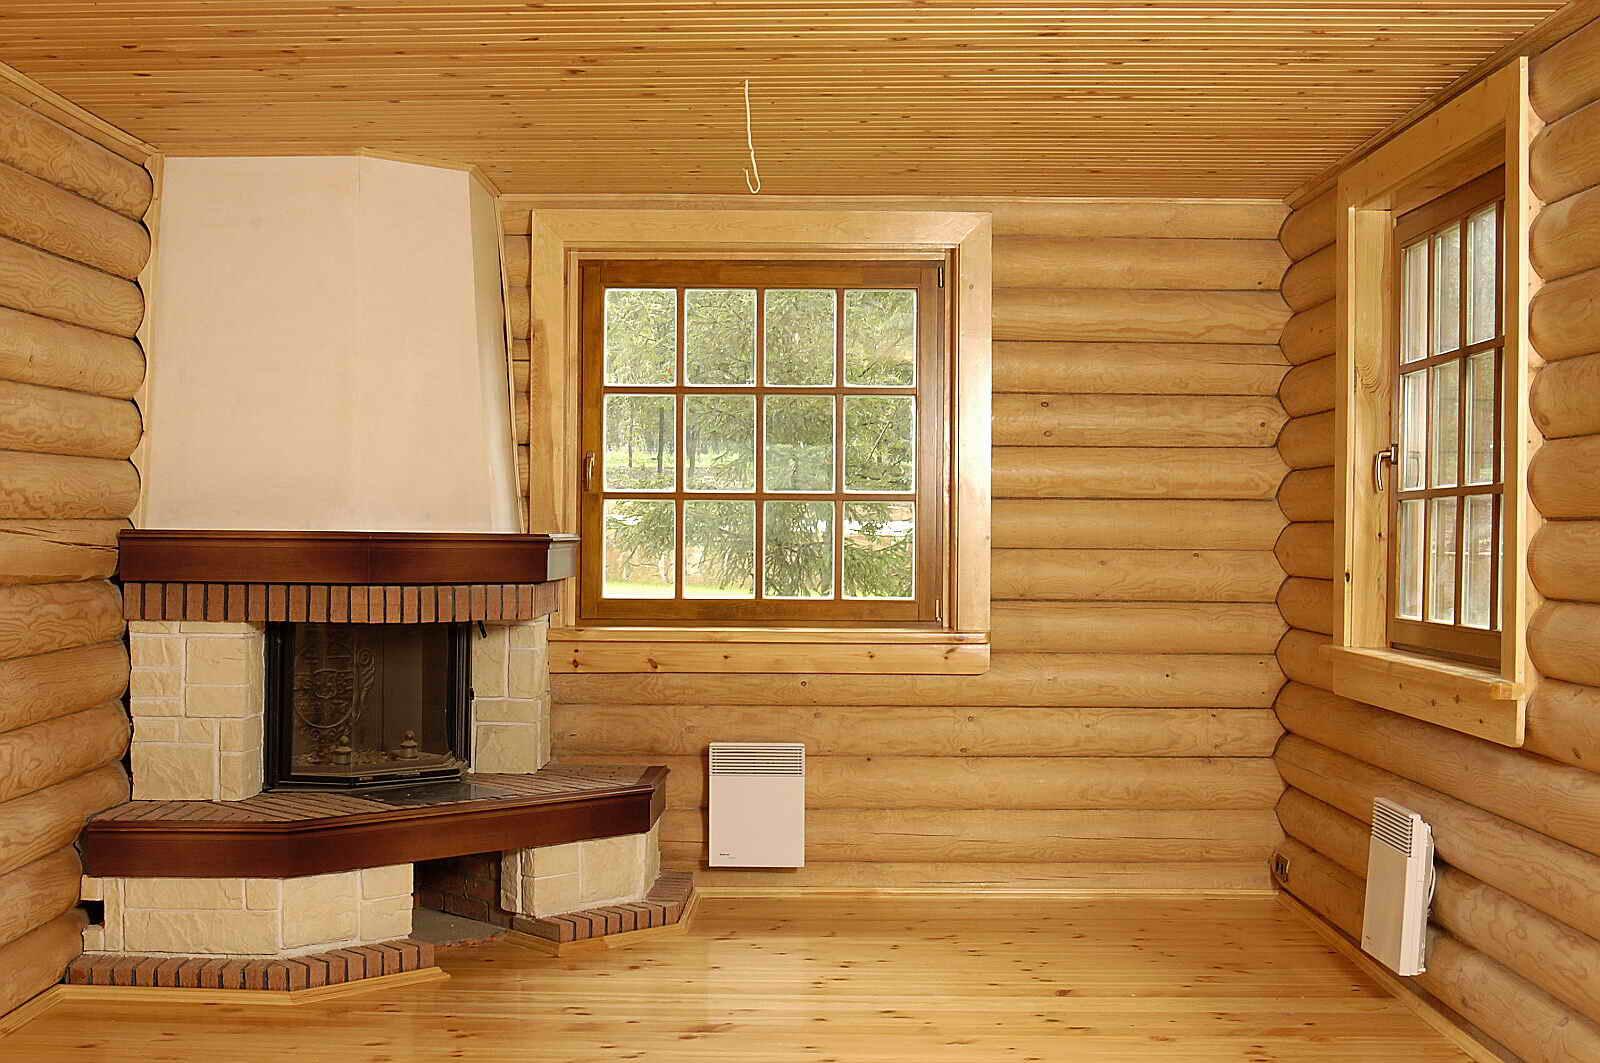 При создании элегантного и гармоничного дизайна применяйте только природные материалы.